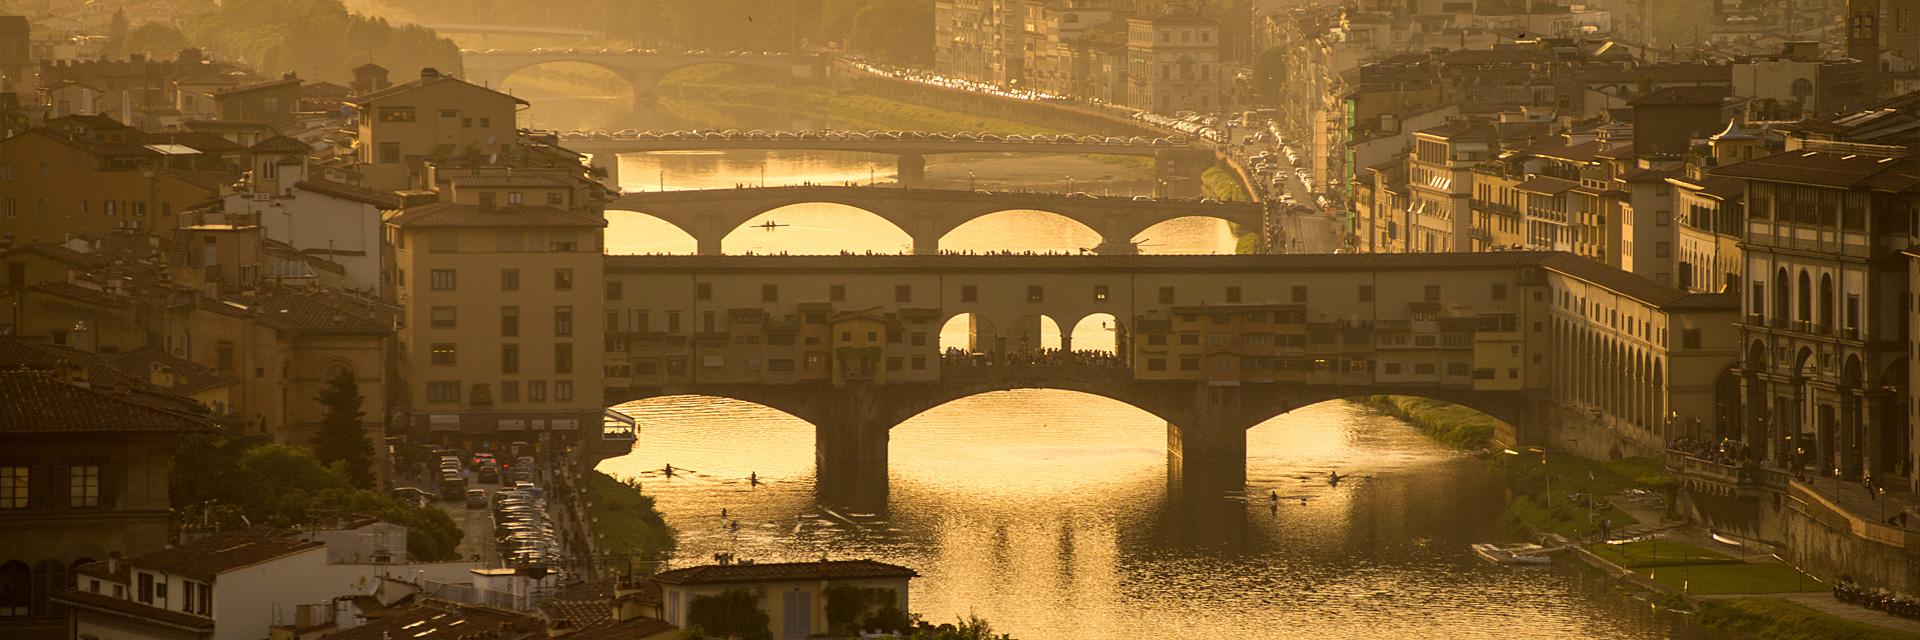 Zu Fuß nach Rom – 500 Kilometer auf dem Franziskusweg